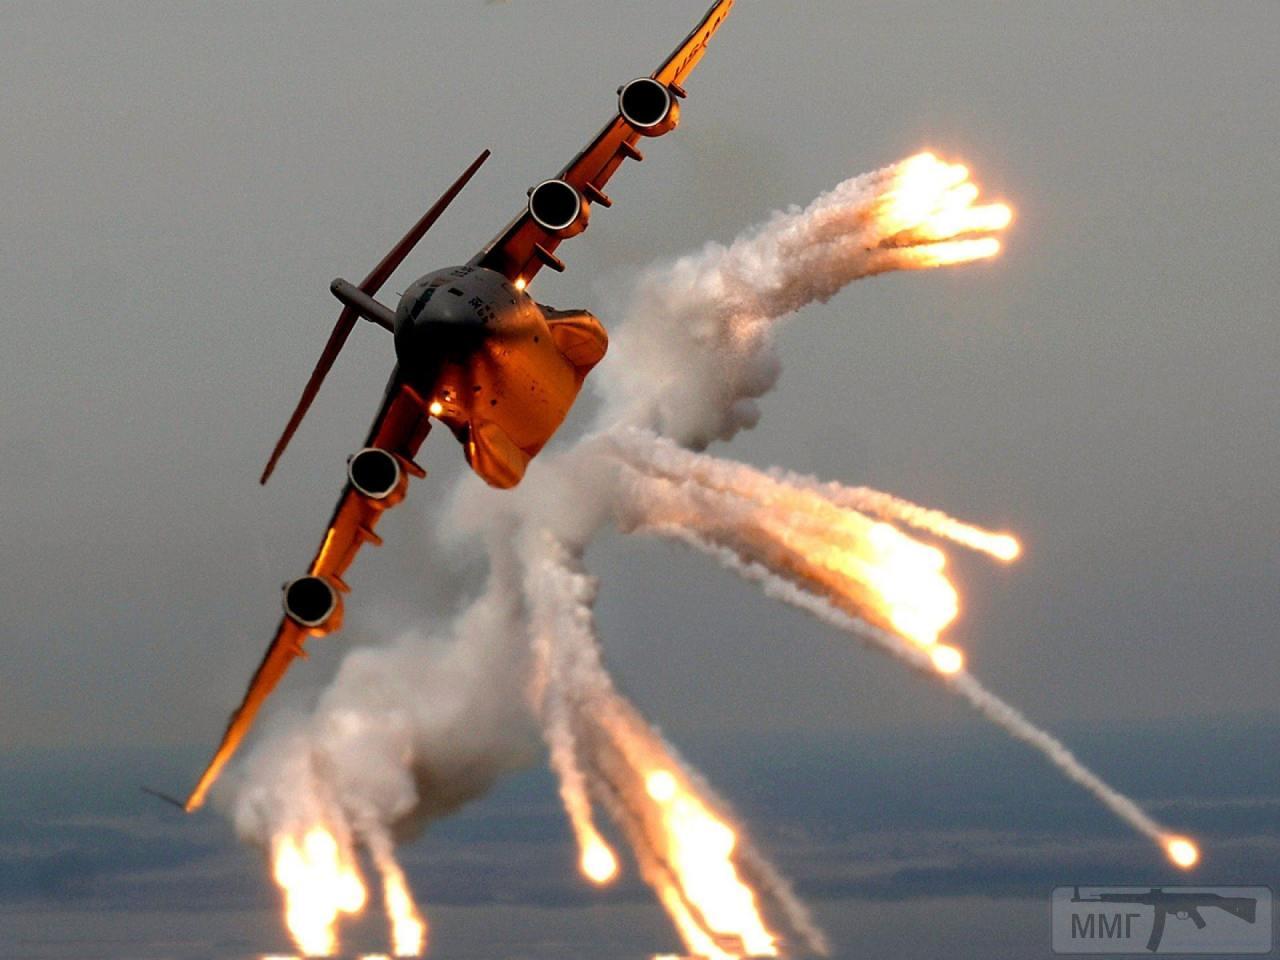 109765 - Красивые фото и видео боевых самолетов и вертолетов